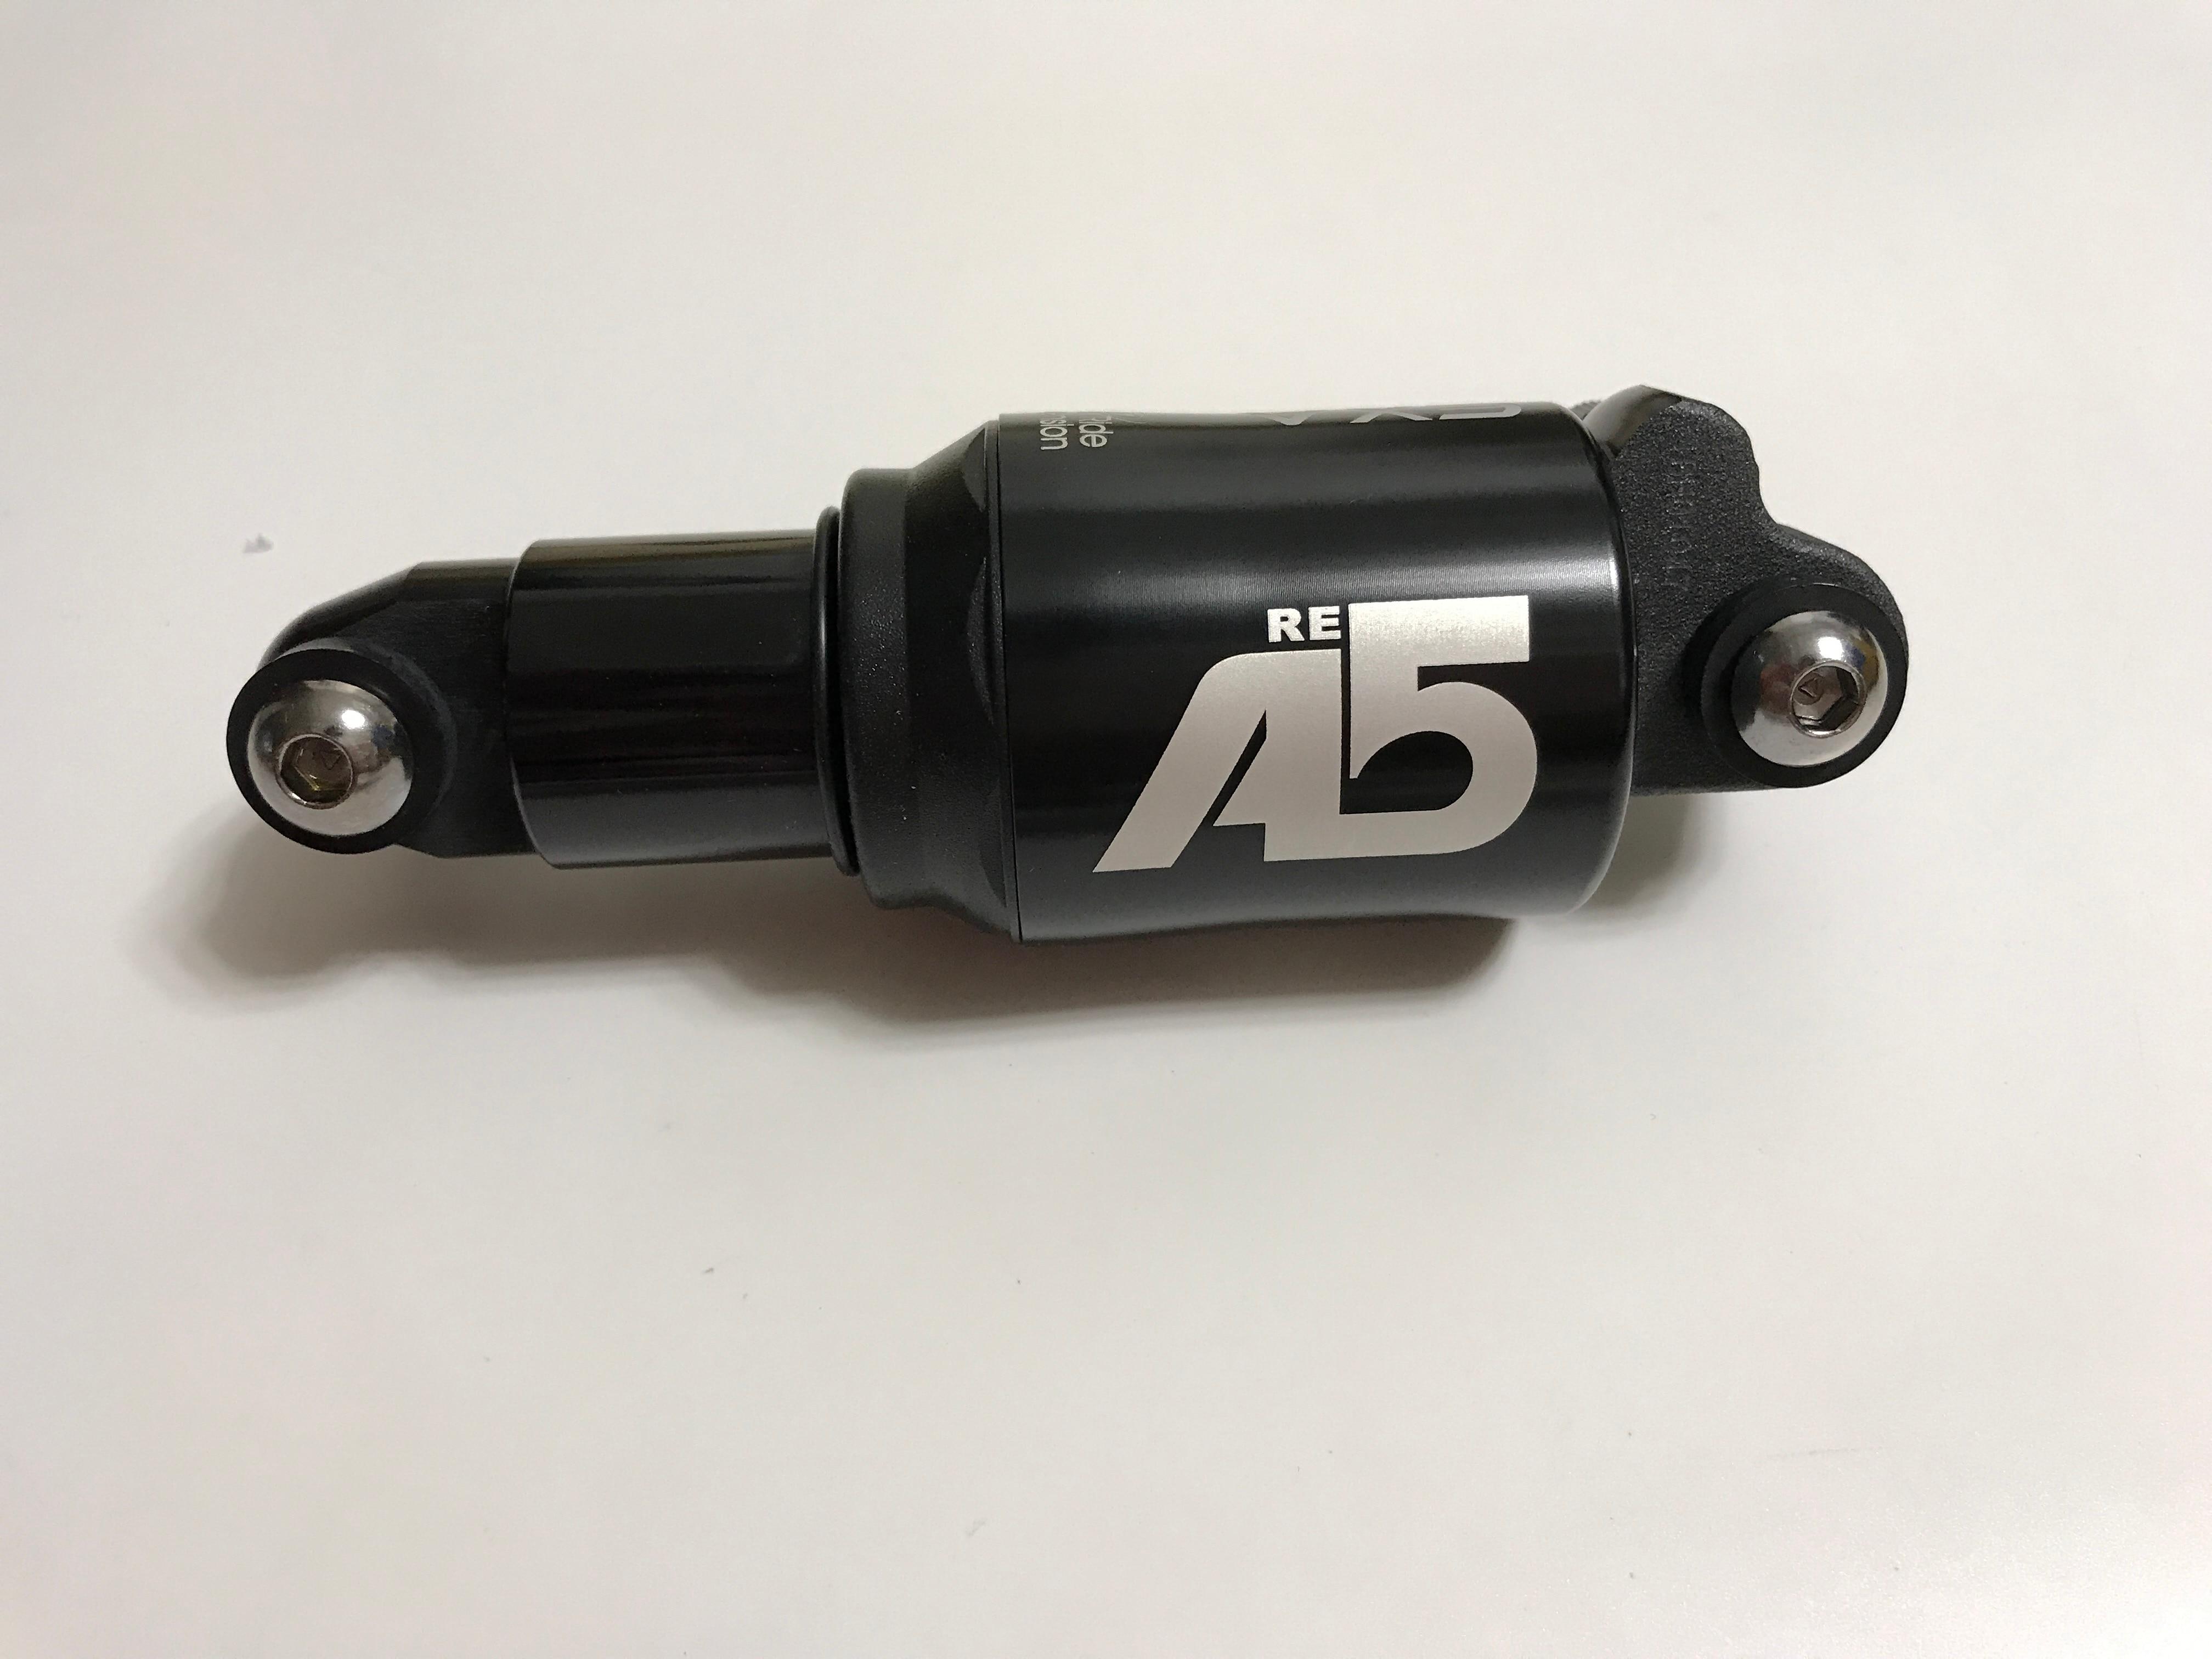 Taiwán Kindshock A5 RE golpes traseros para MTB bicicleta de choque trasero bicicleta de montaña choque trasero 150mm A5-RE - 2